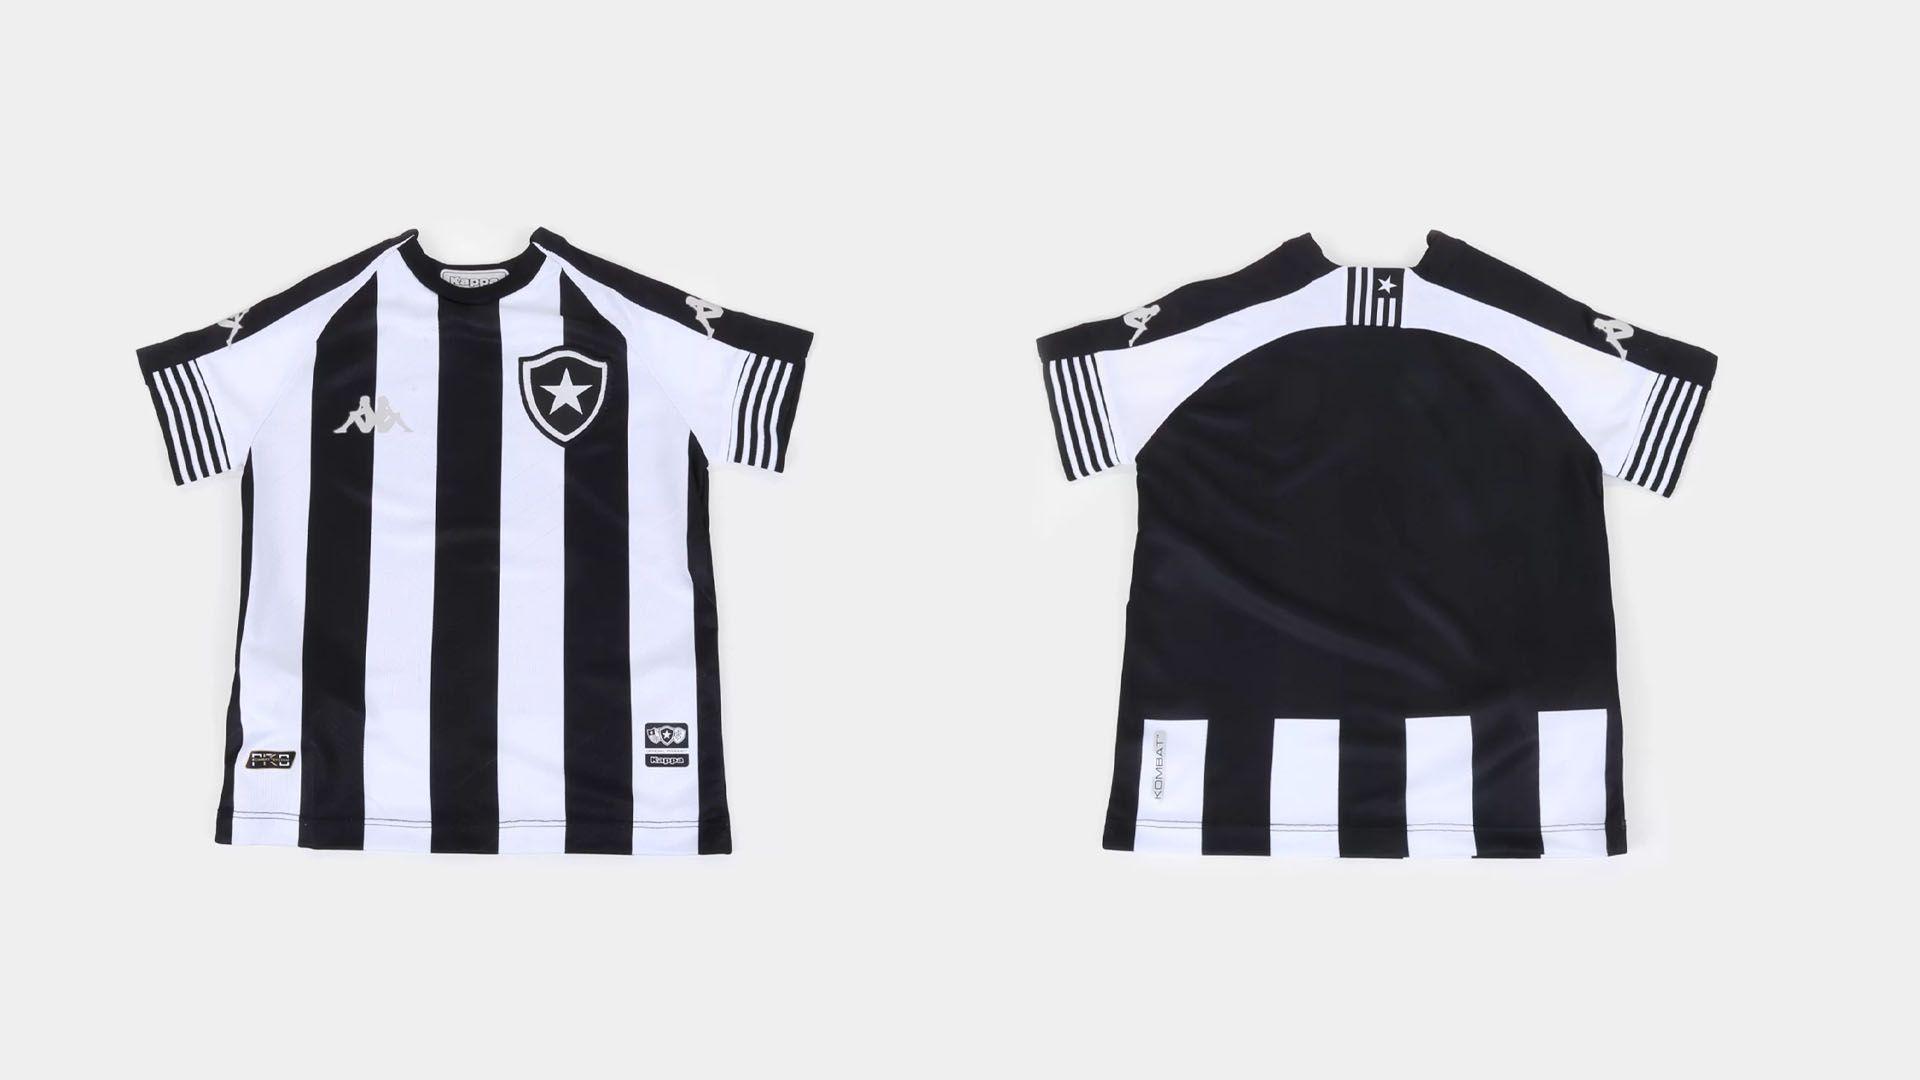 Camisa do Botafogo Infantil 2020 Kappa Jogo 1 (Imagem: Divulgação/Kappa)